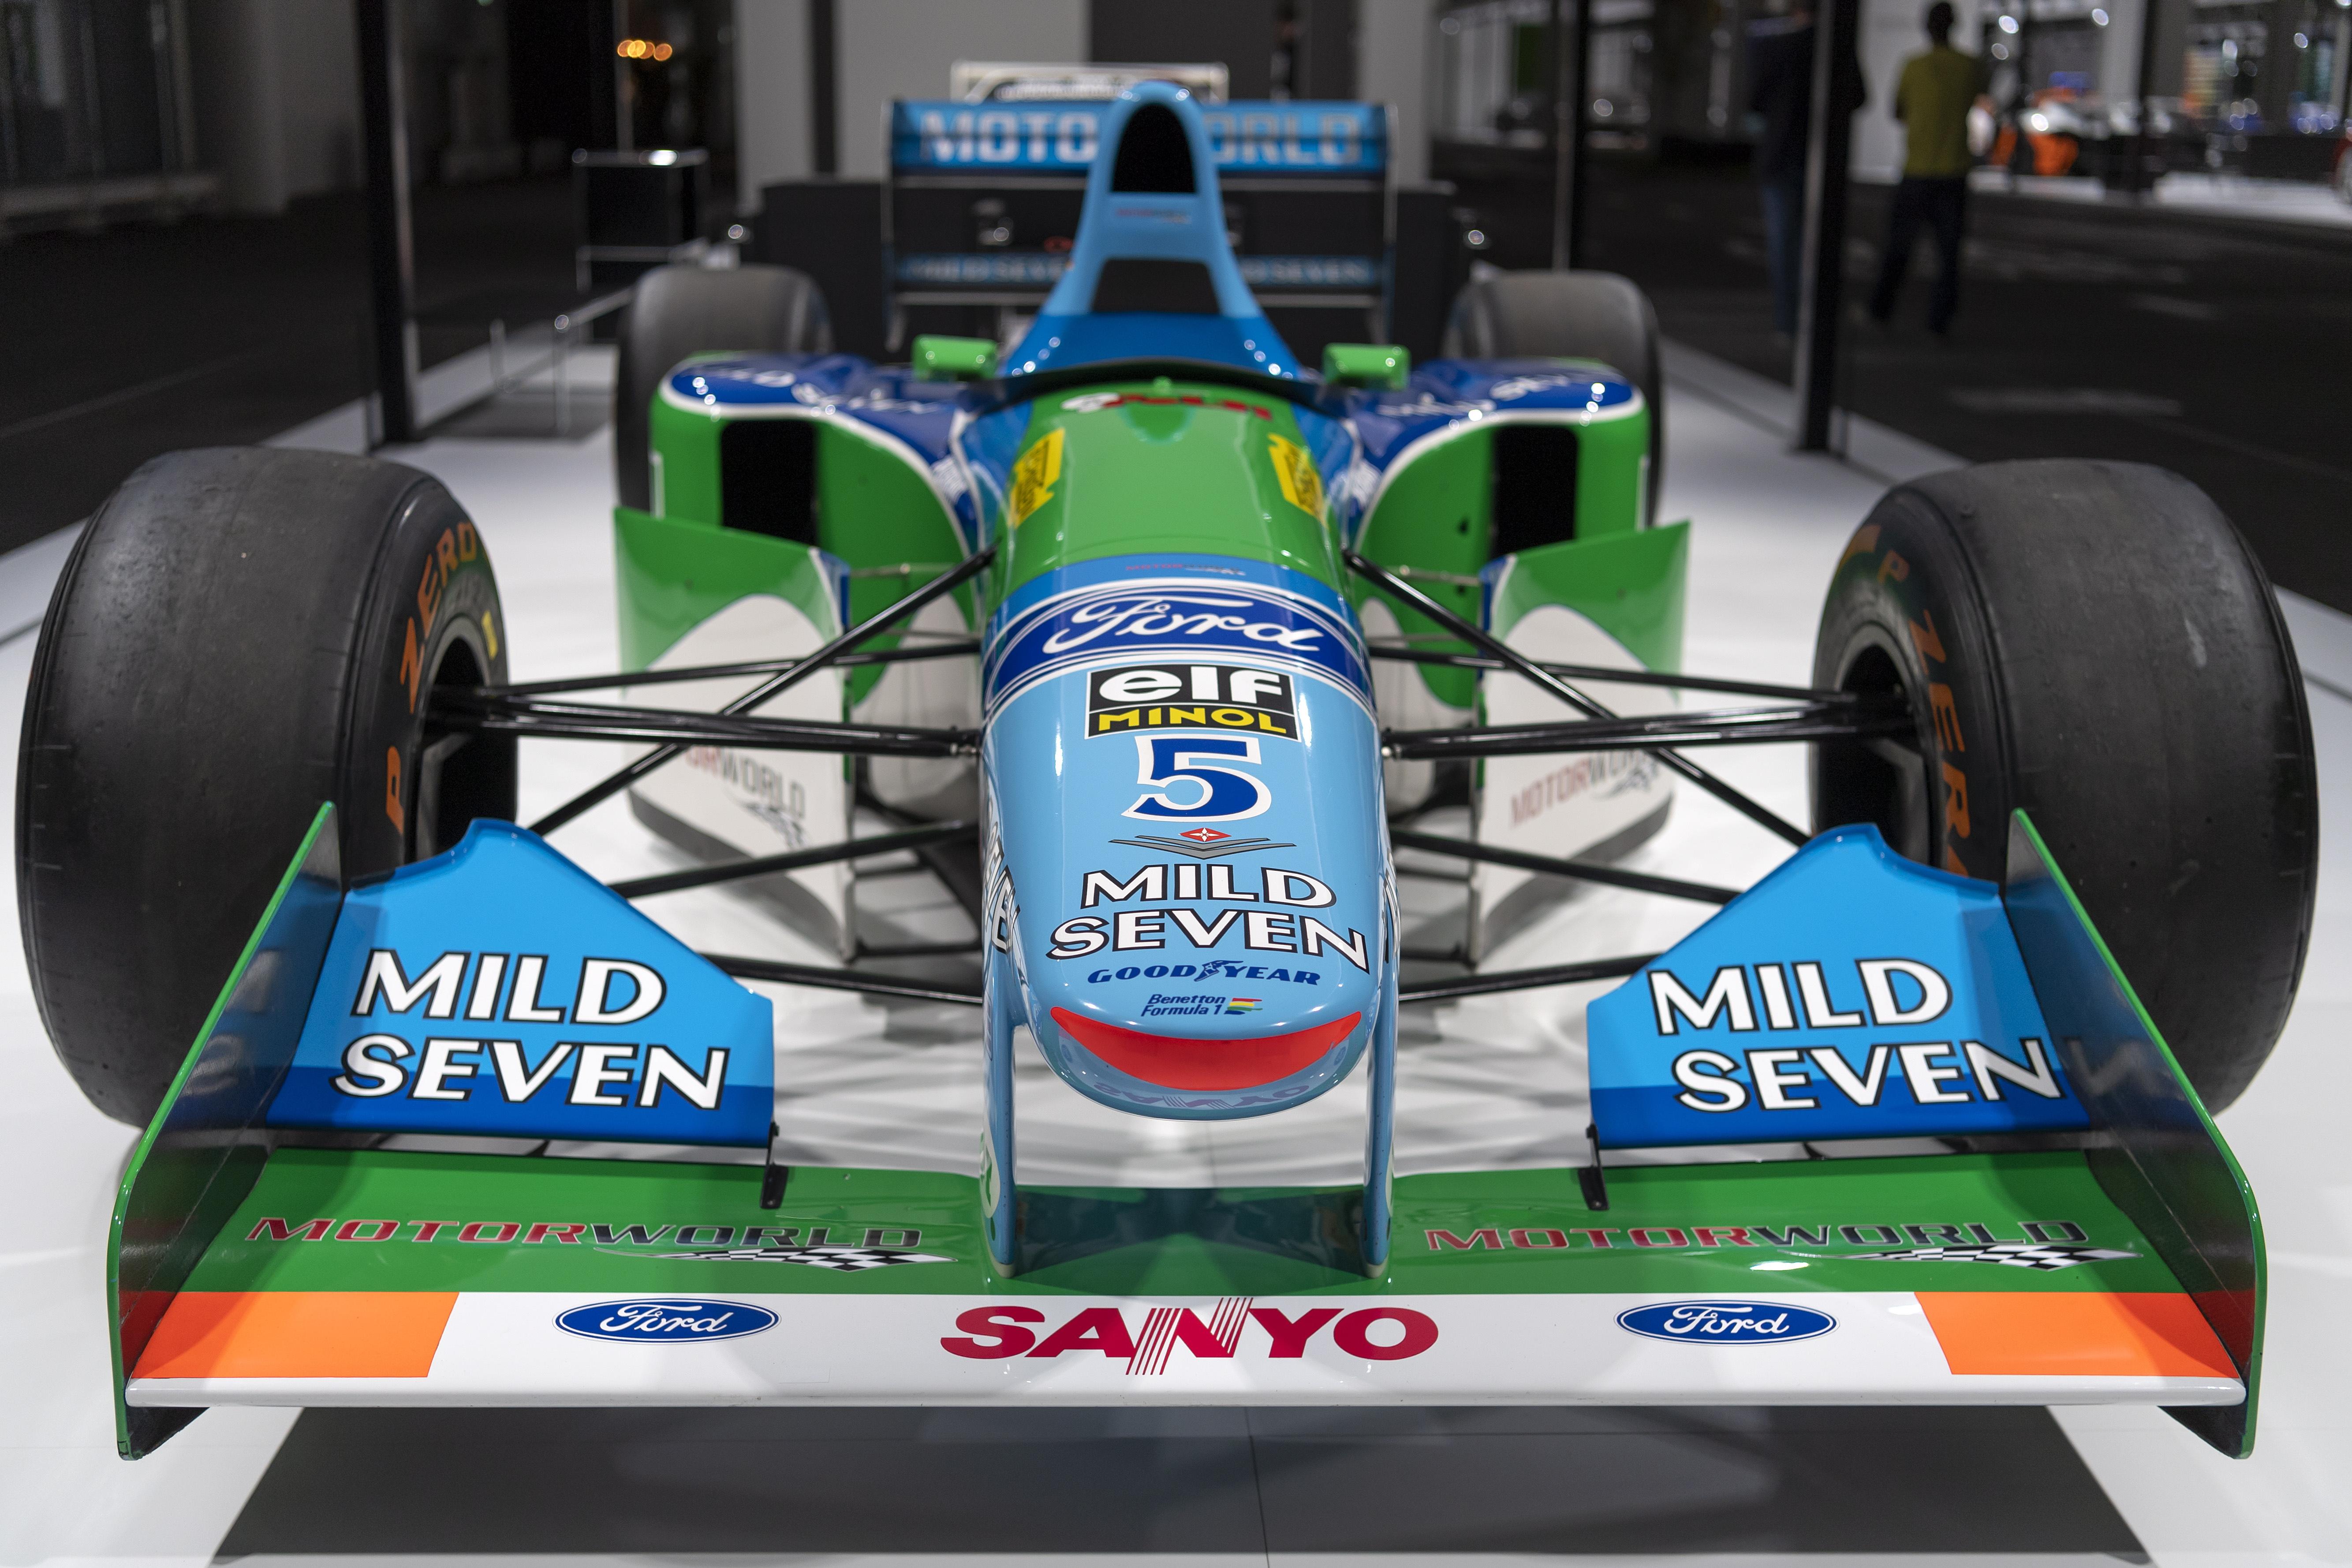 Benetton B194-05 (1994)